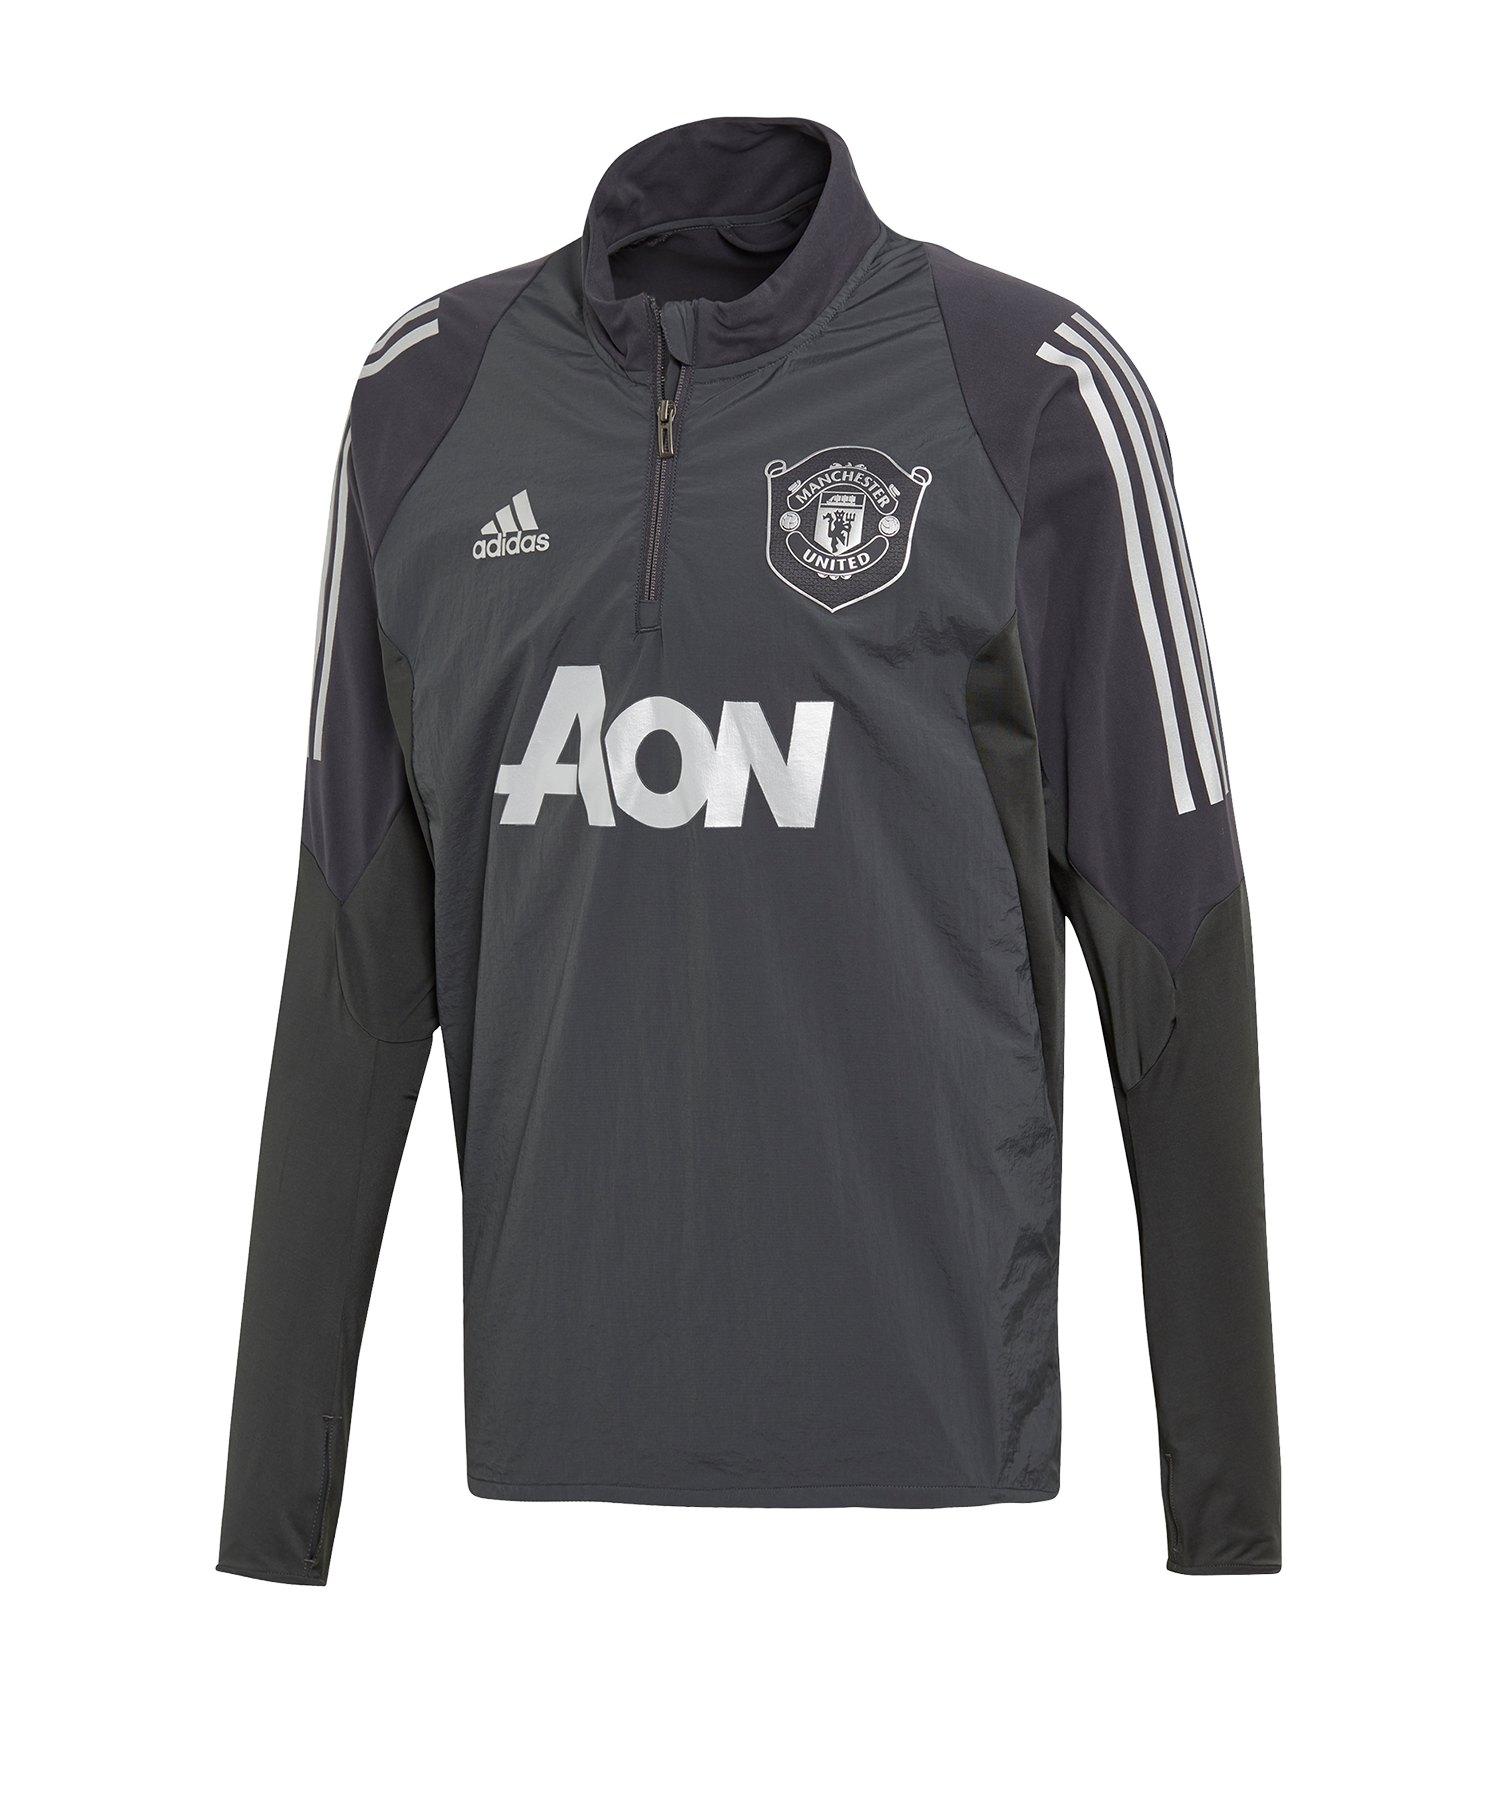 adidas Manchester United 14 Zip Top Schwarz